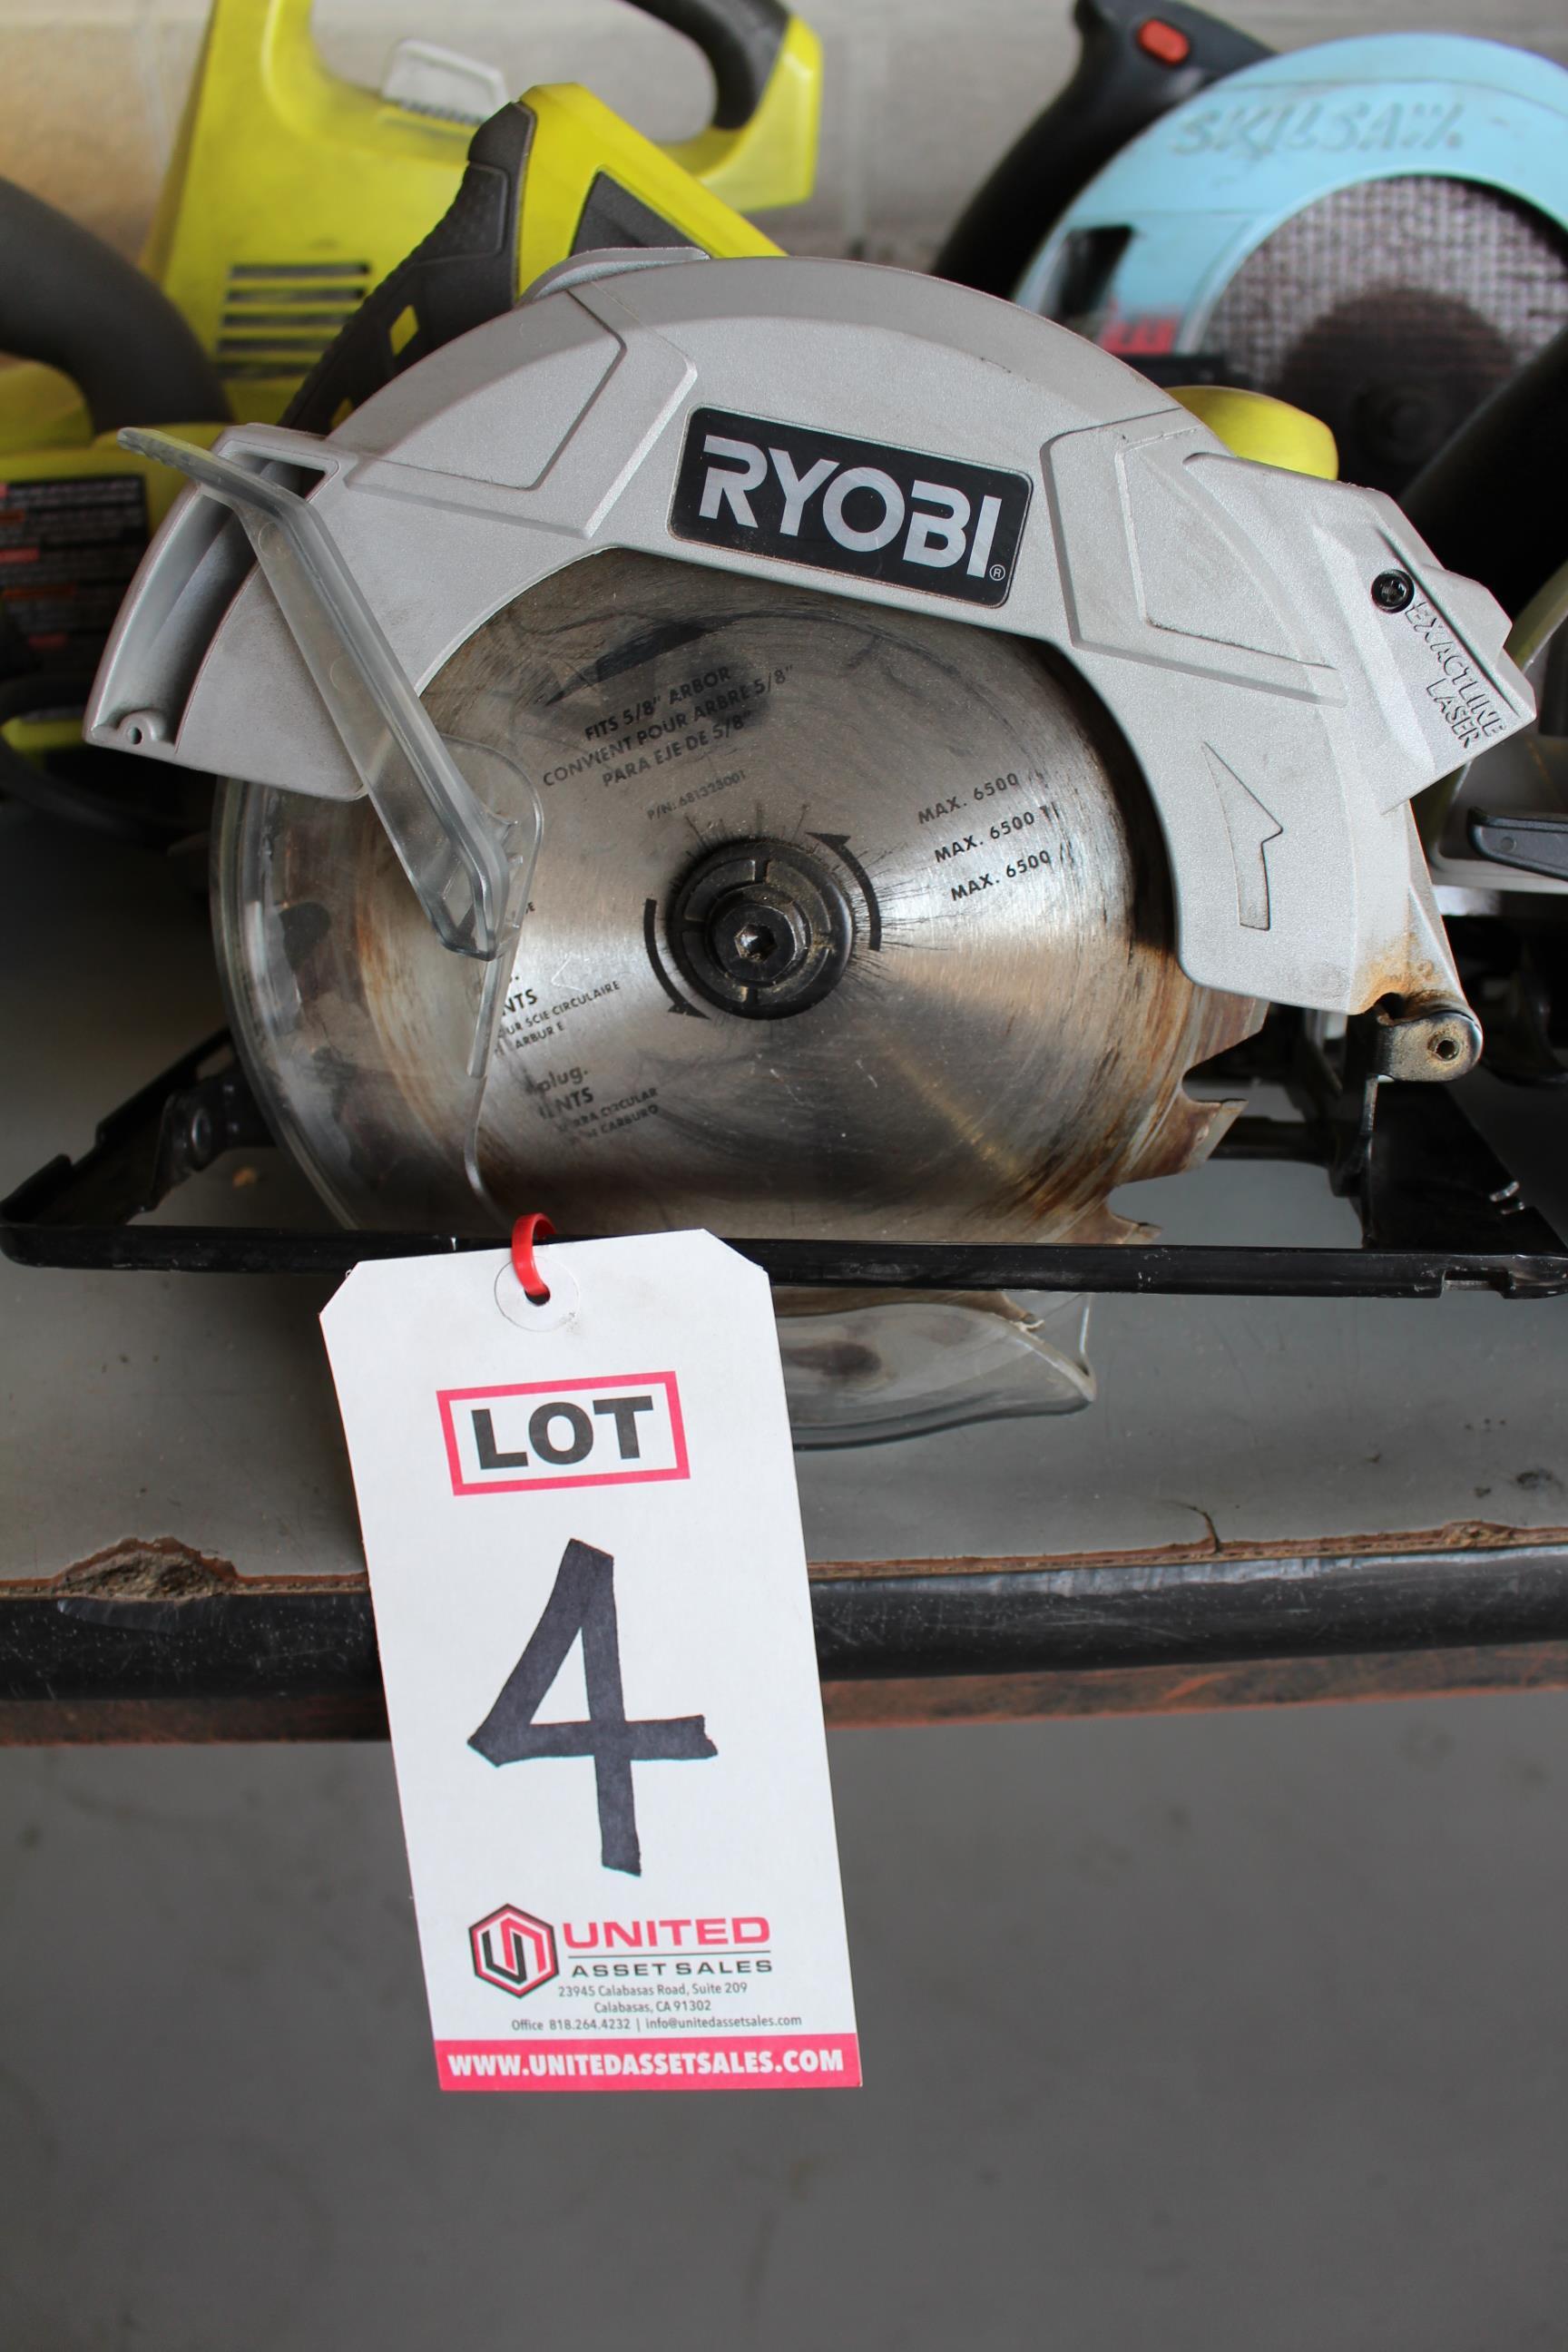 Lot 4 - RYOBI 1-1/4 ELECTRIC CIRCULAR SAW